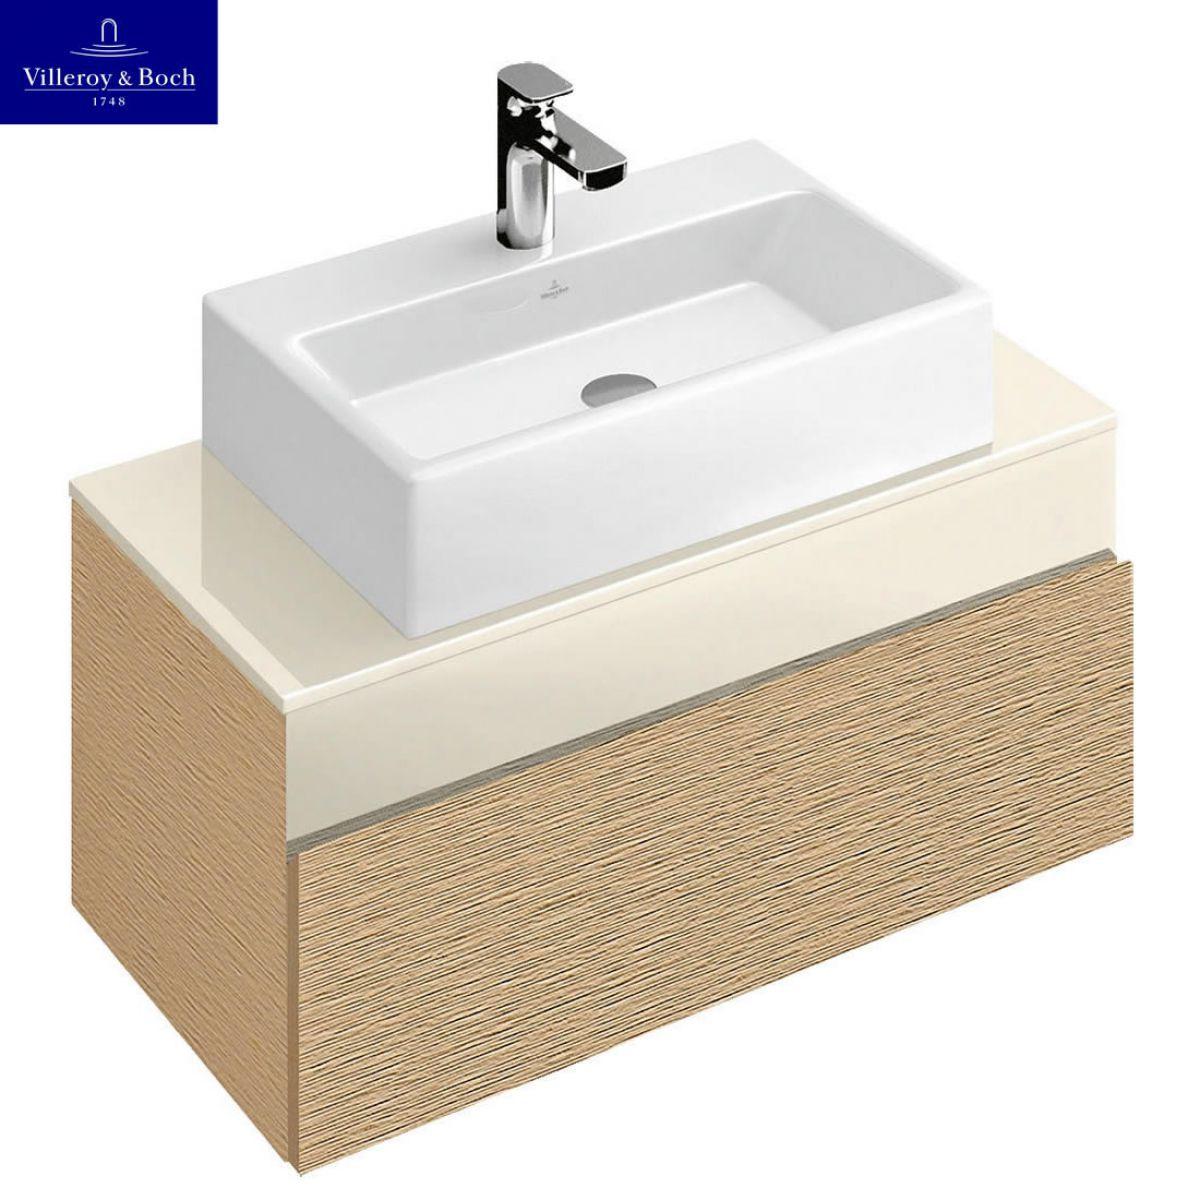 V&B Memento Vanity Unit : UK Bathrooms